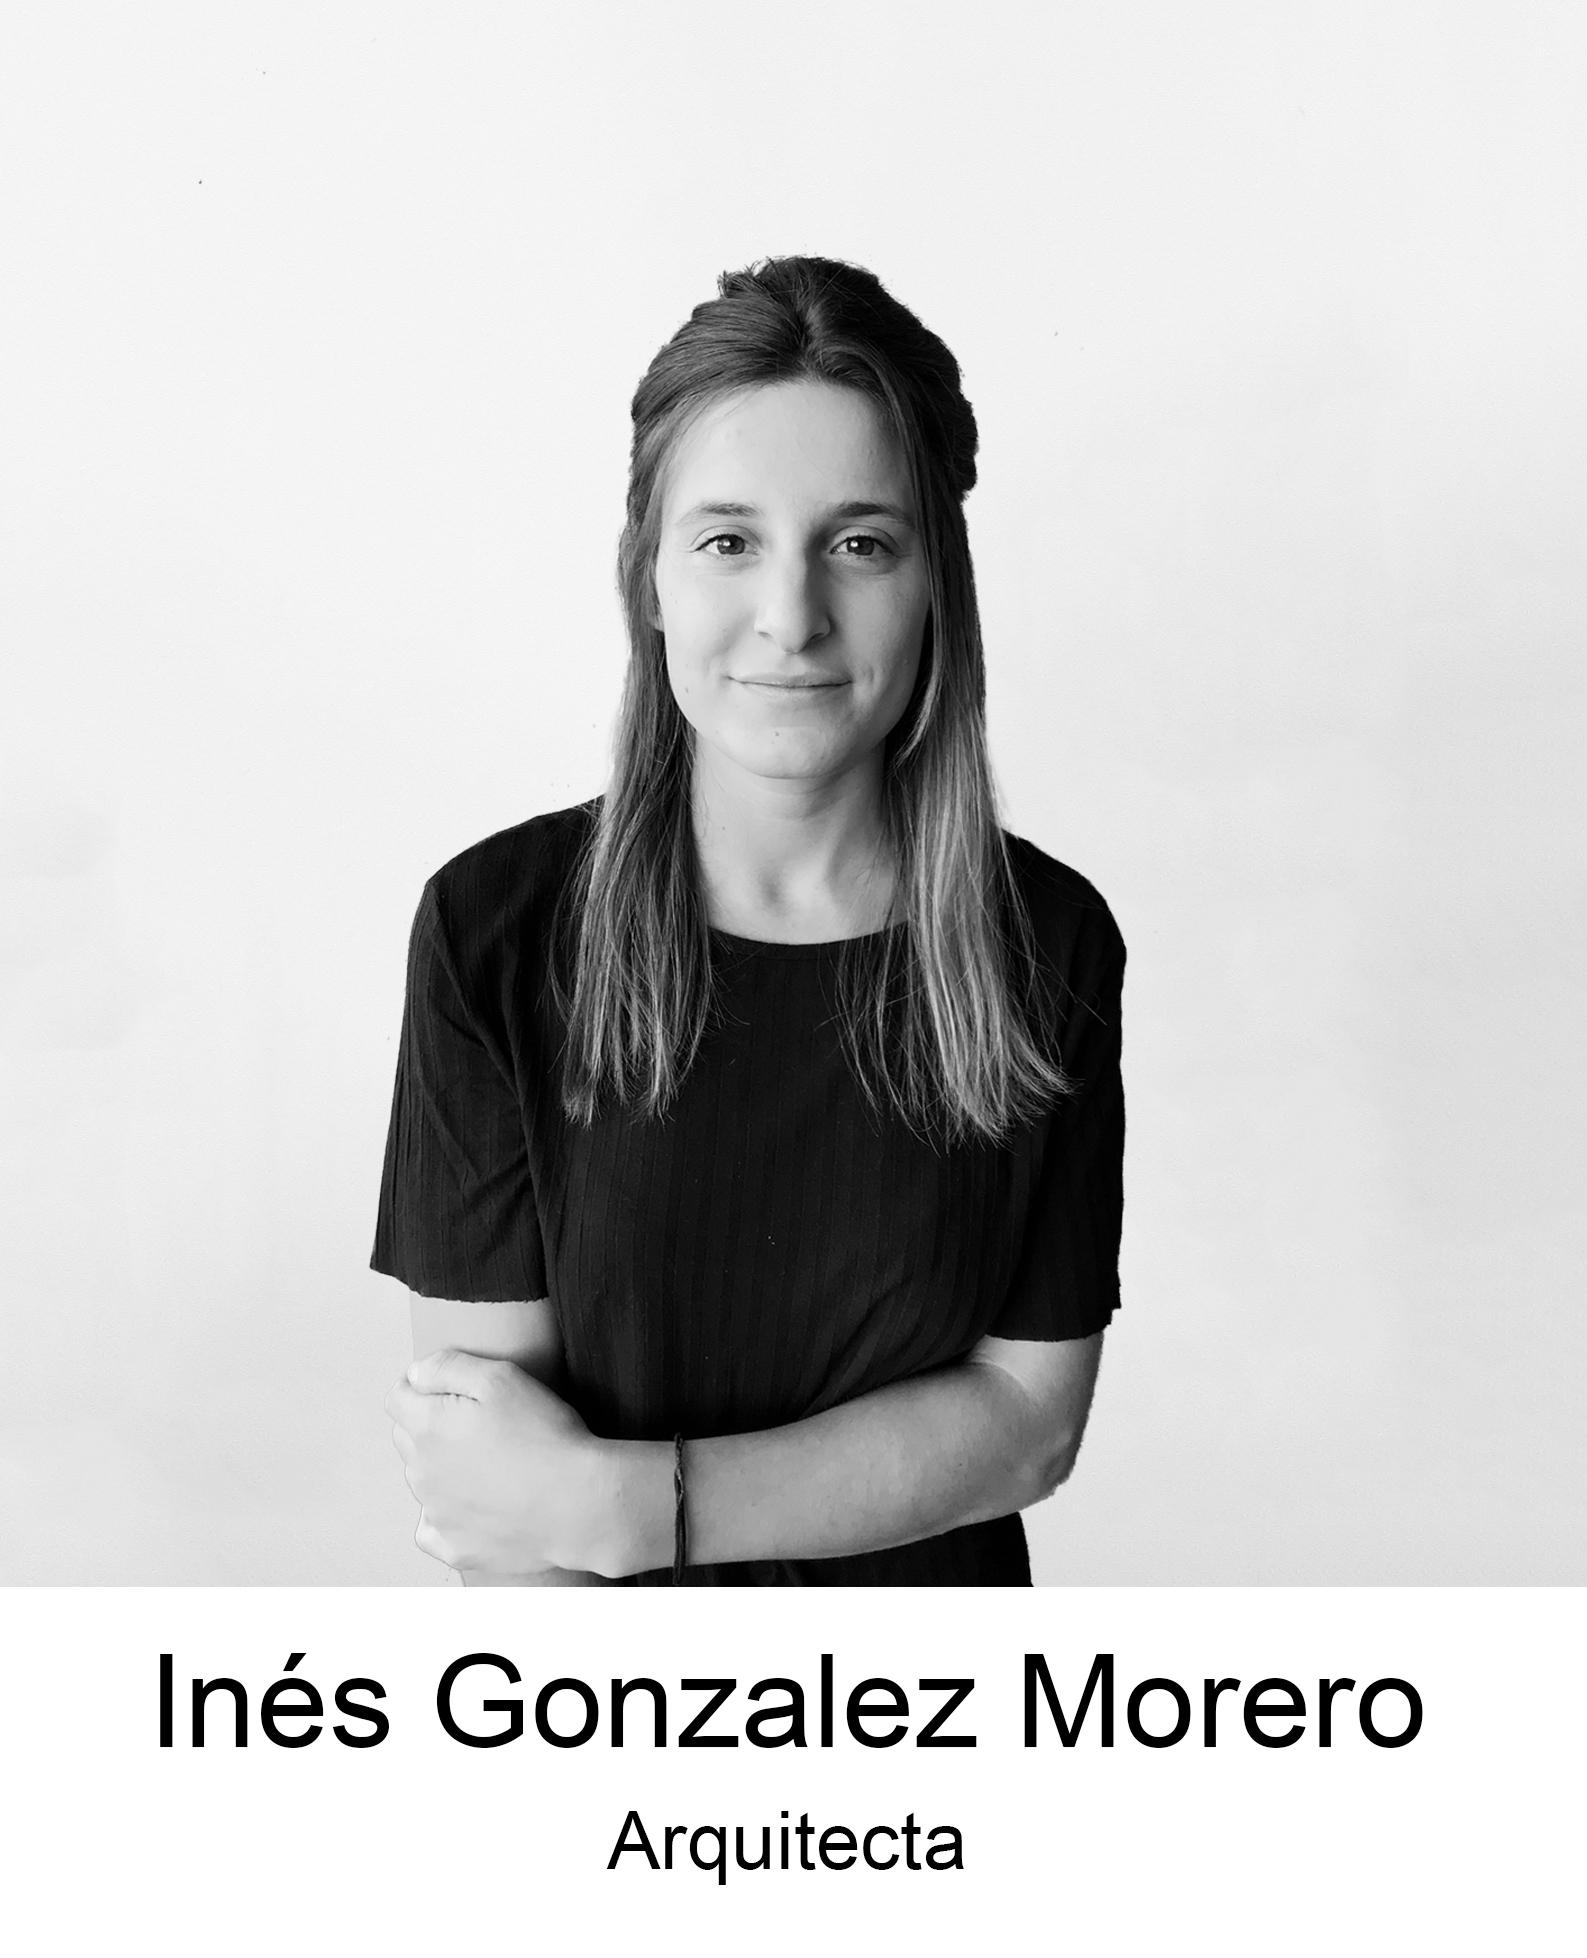 Ines Gonzalez Morero